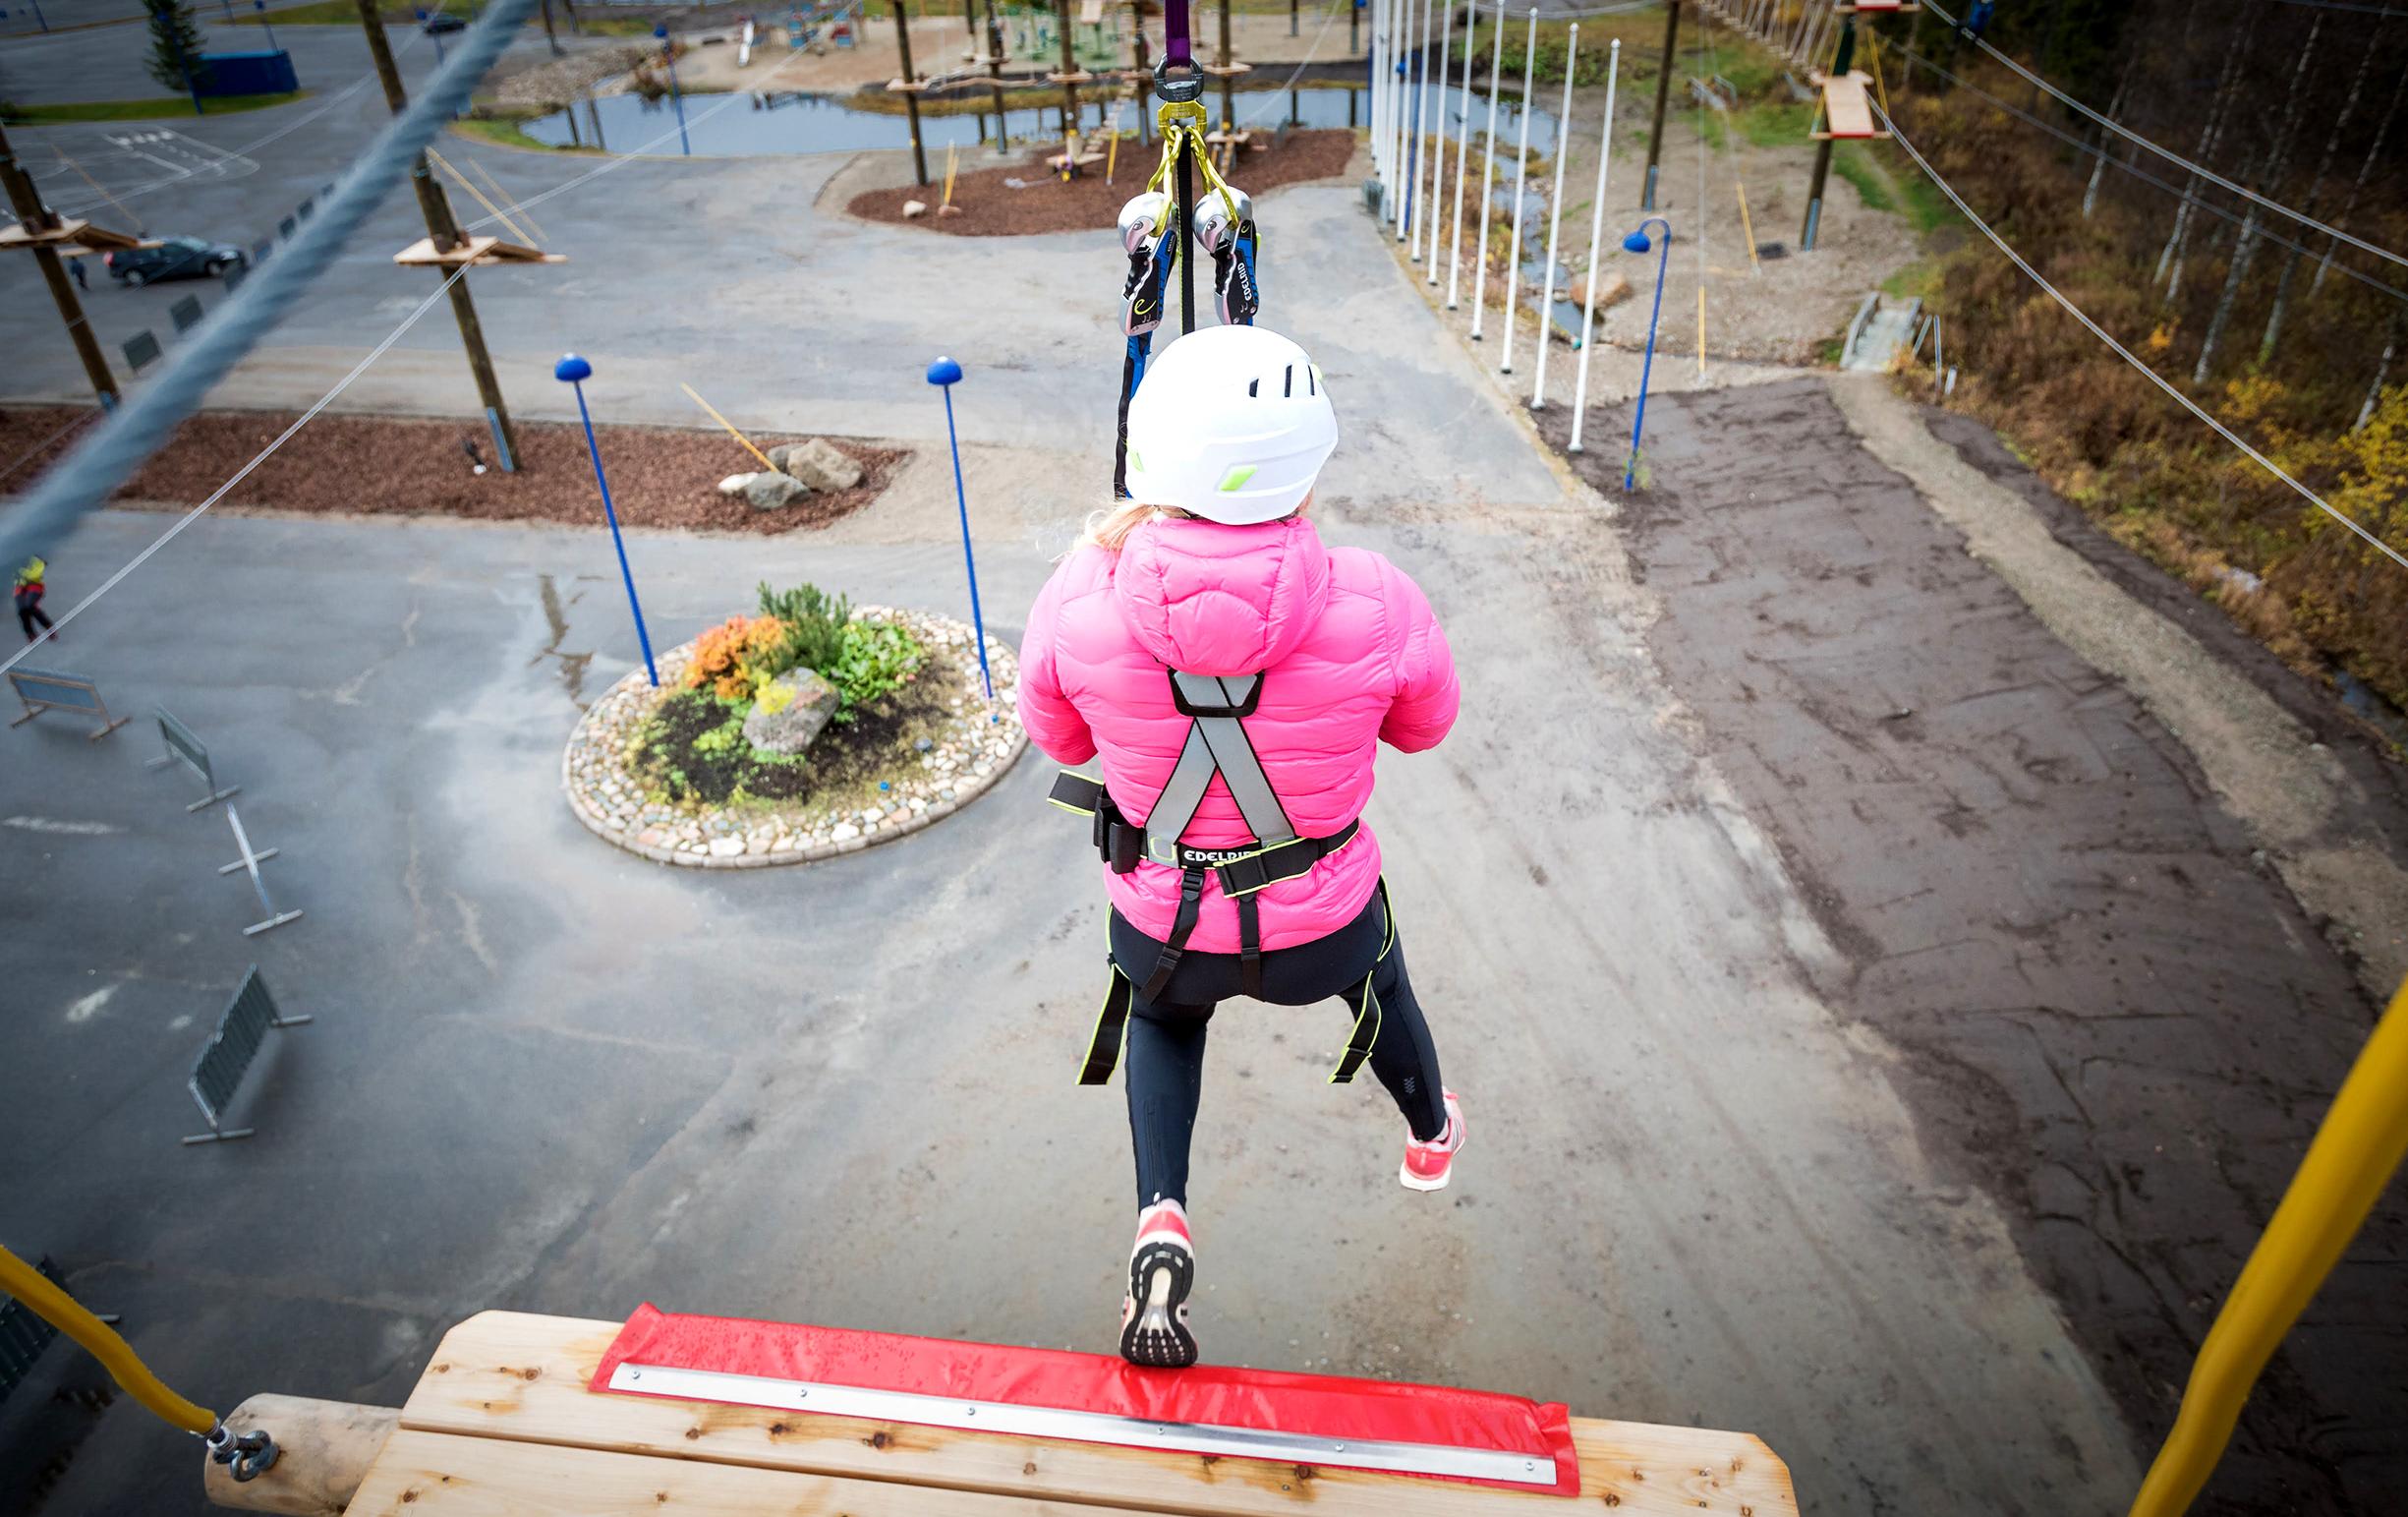 seikkailupuisto base jump